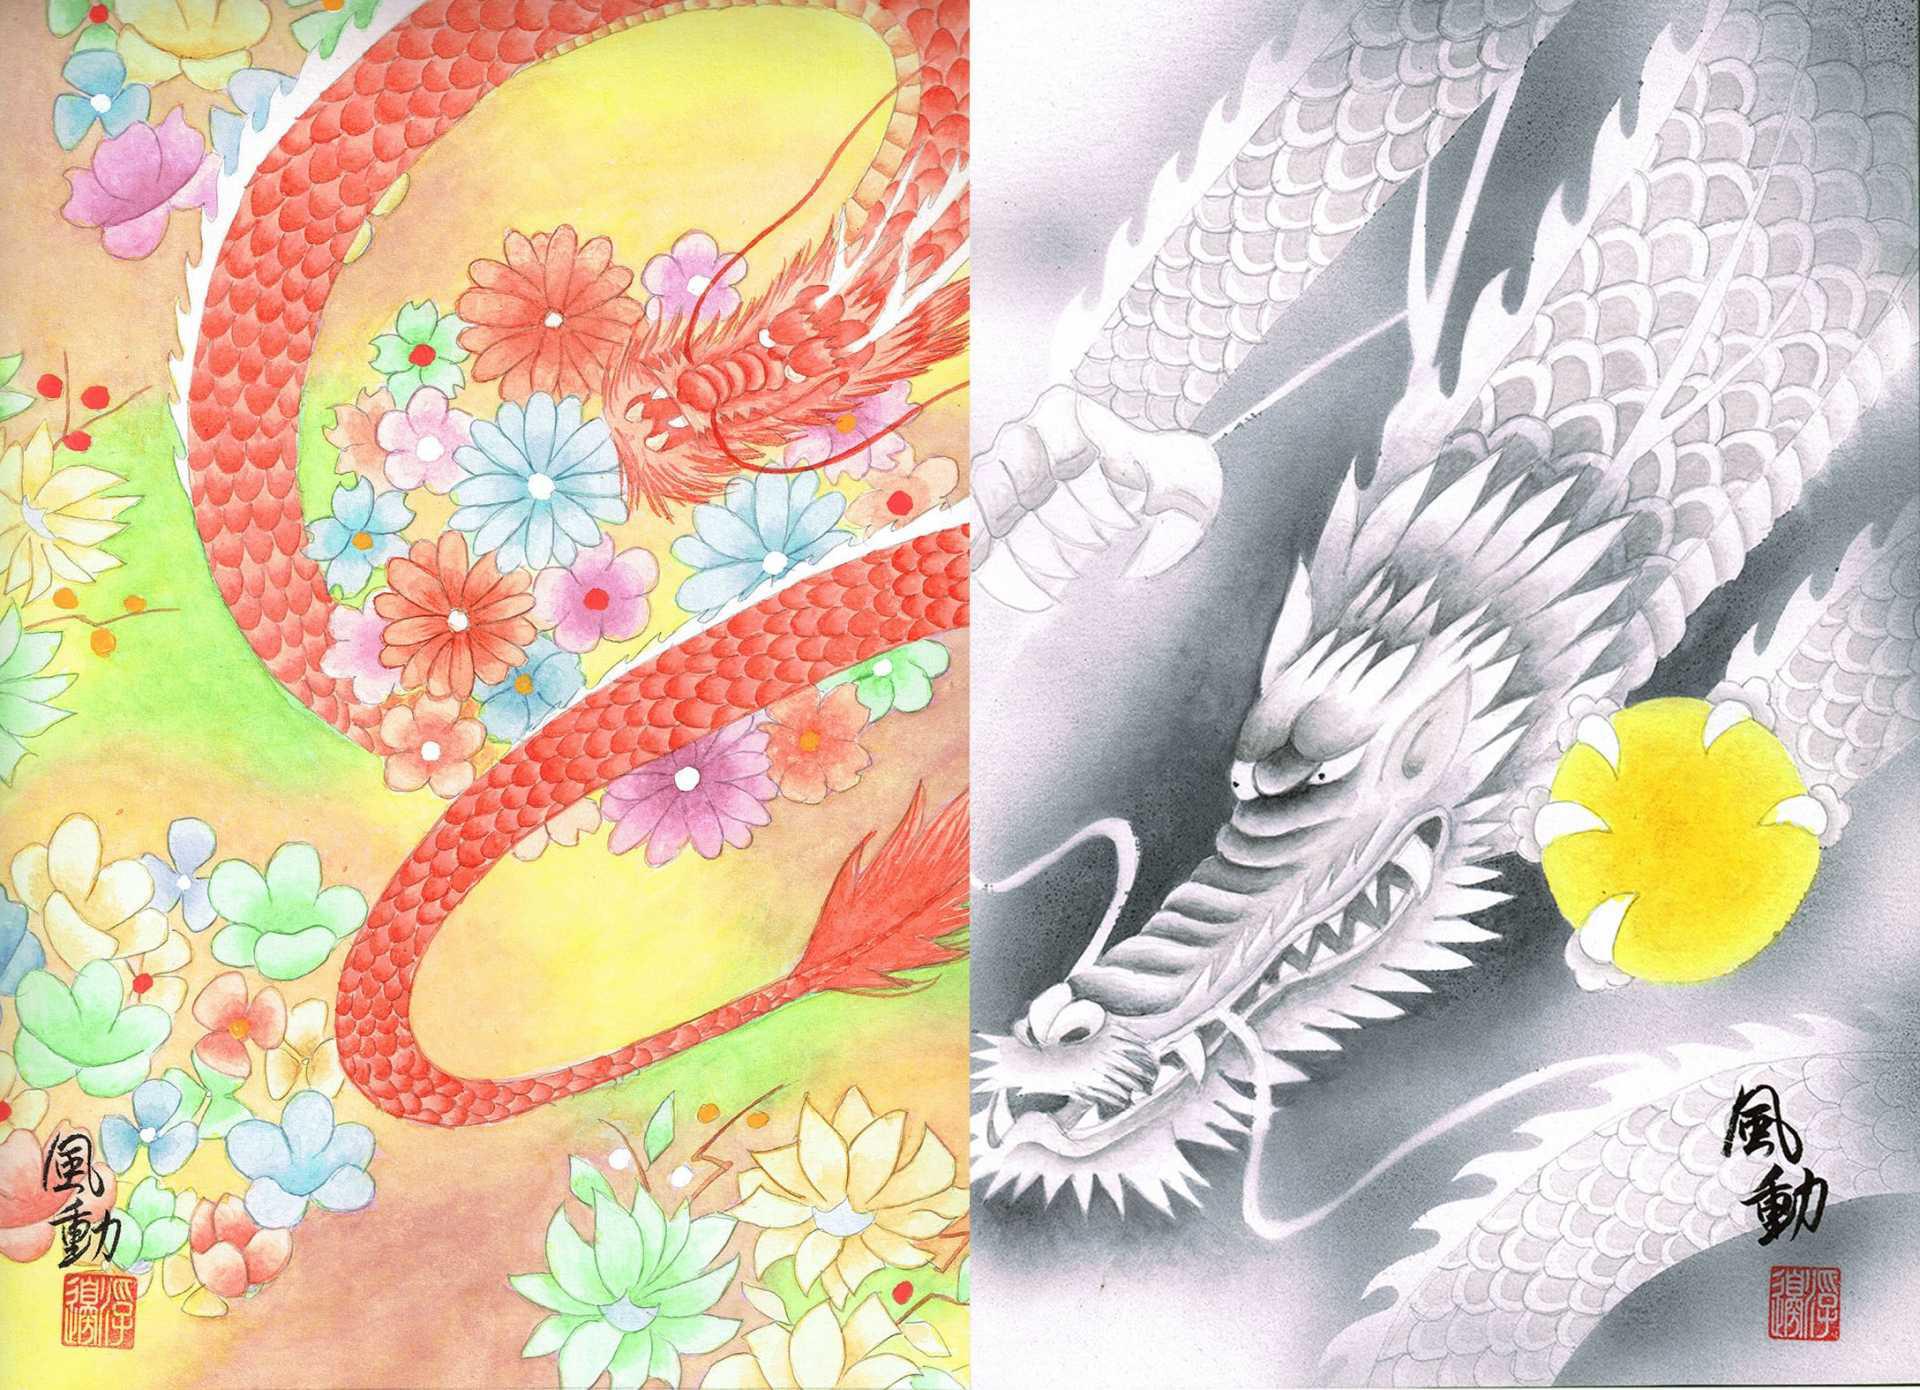 【鹿児島市】元着物<友禅・小紋・紬>原図絵師 浮辺孝治 昇龍展